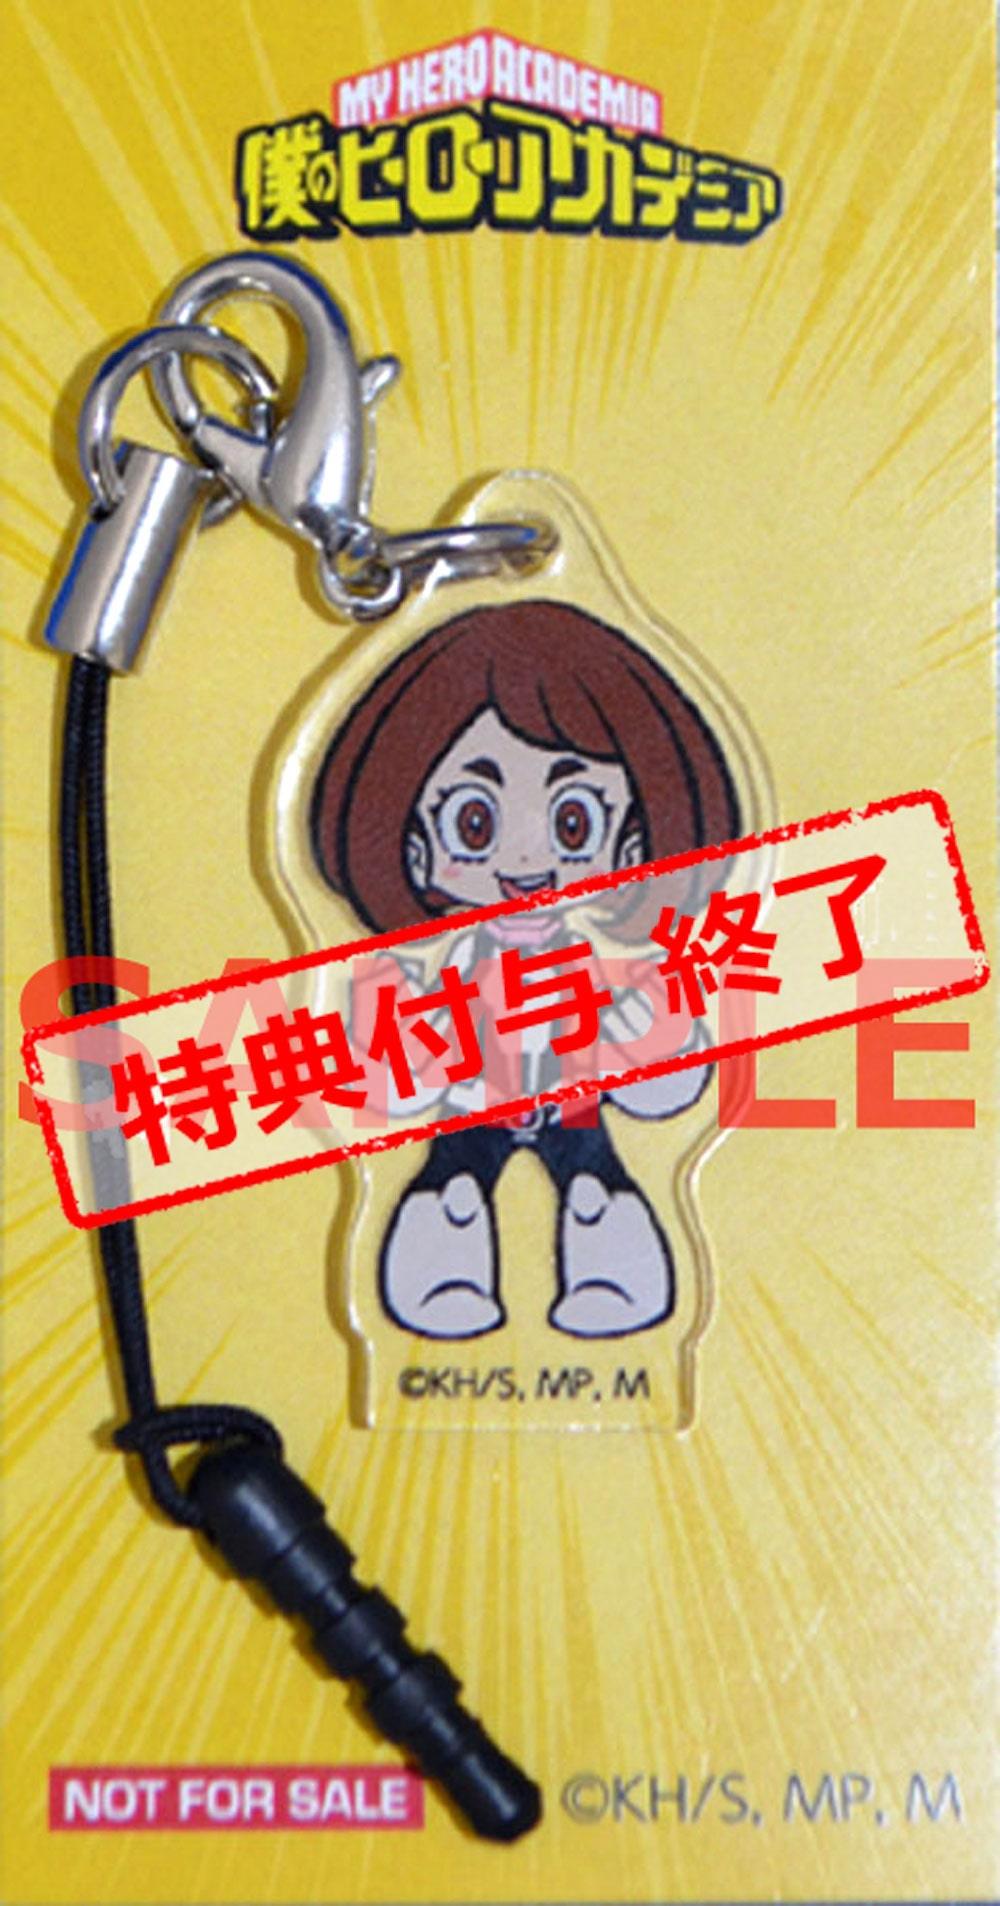 僕のヒーローアカデミア Vol.3 DVD 初回生産限定版